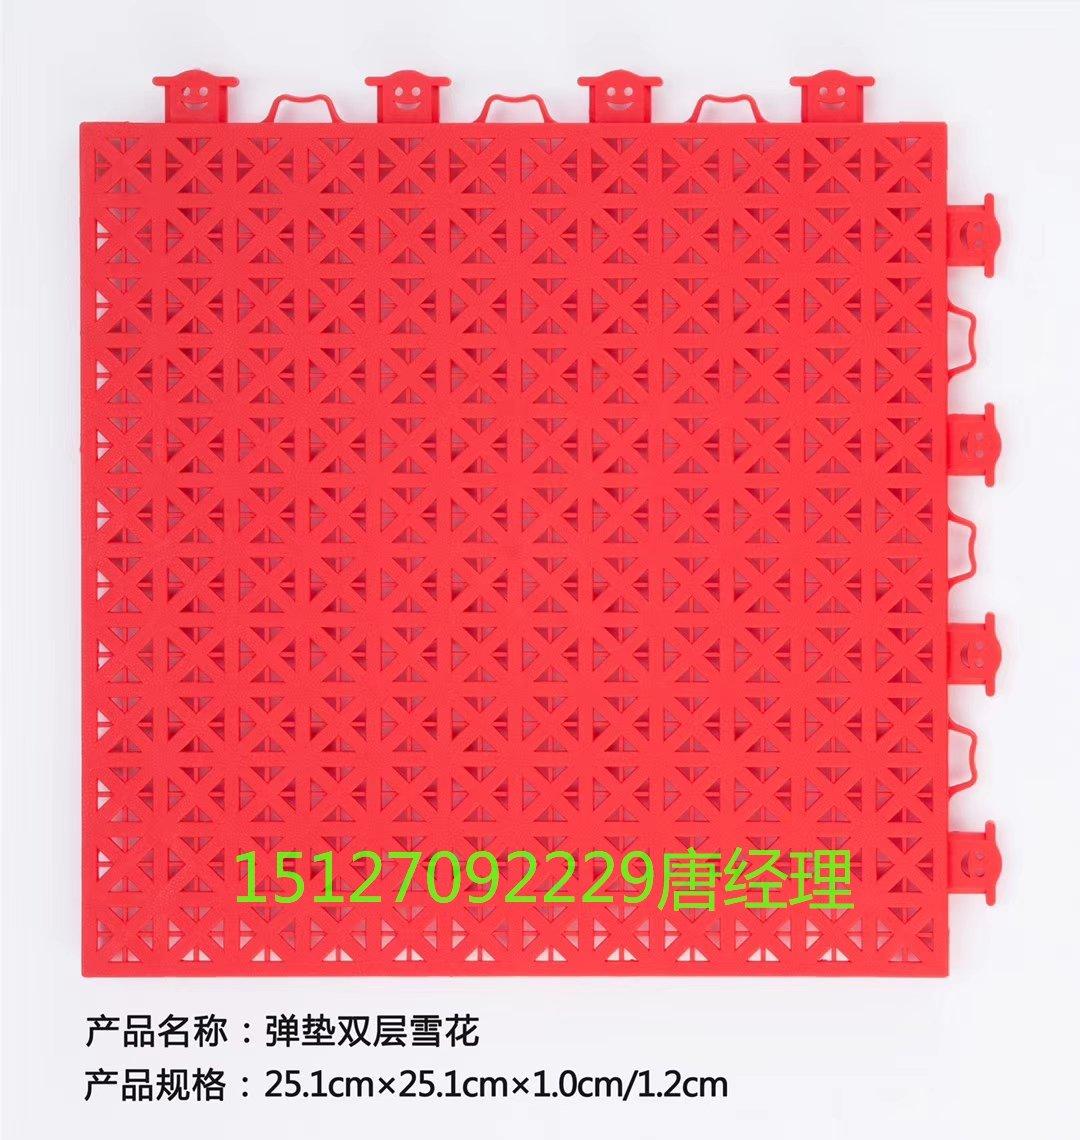 供应:云南复合型施工拼装地板【石家庄@发货】